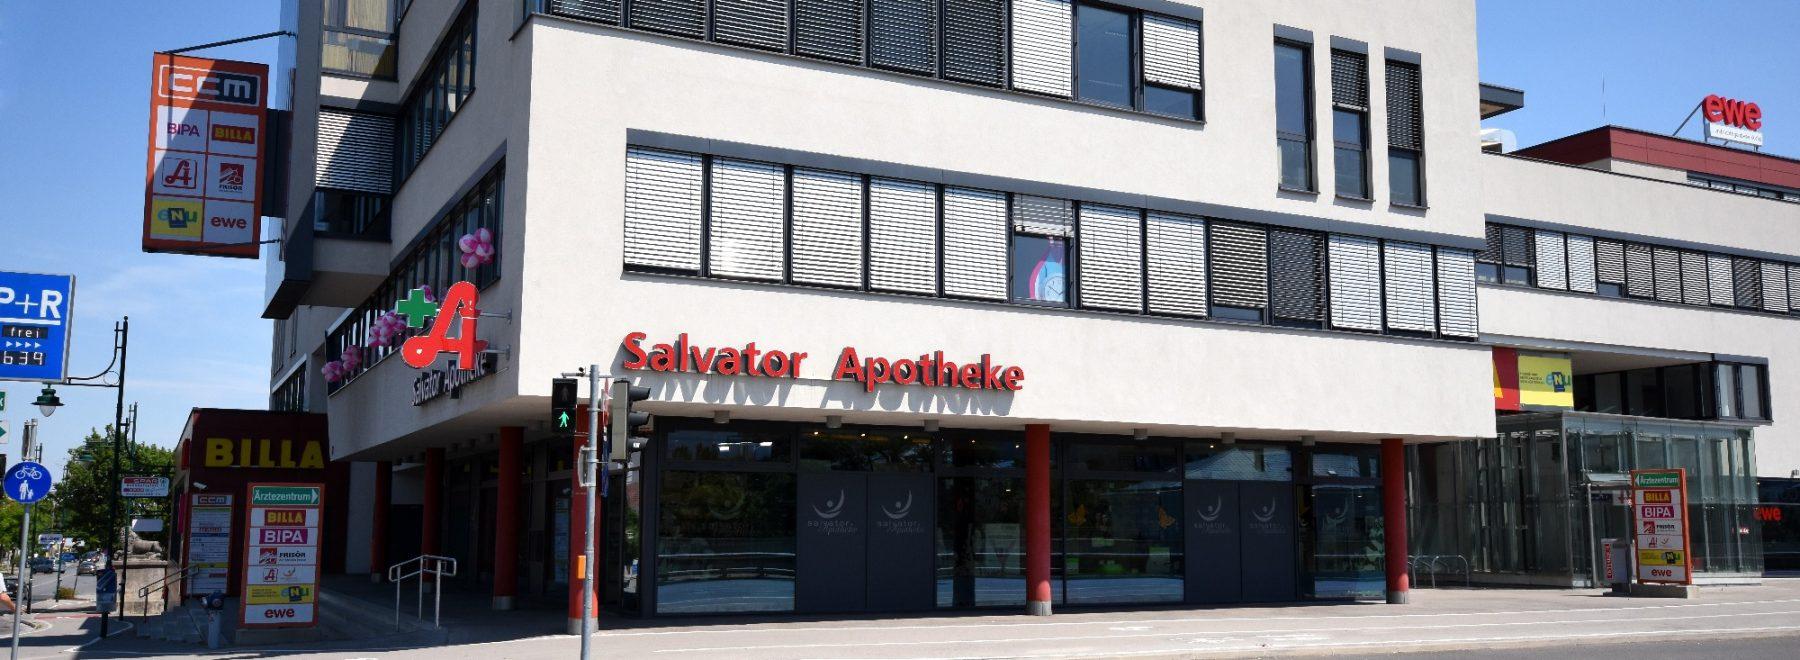 salvator apotheke mödling außen